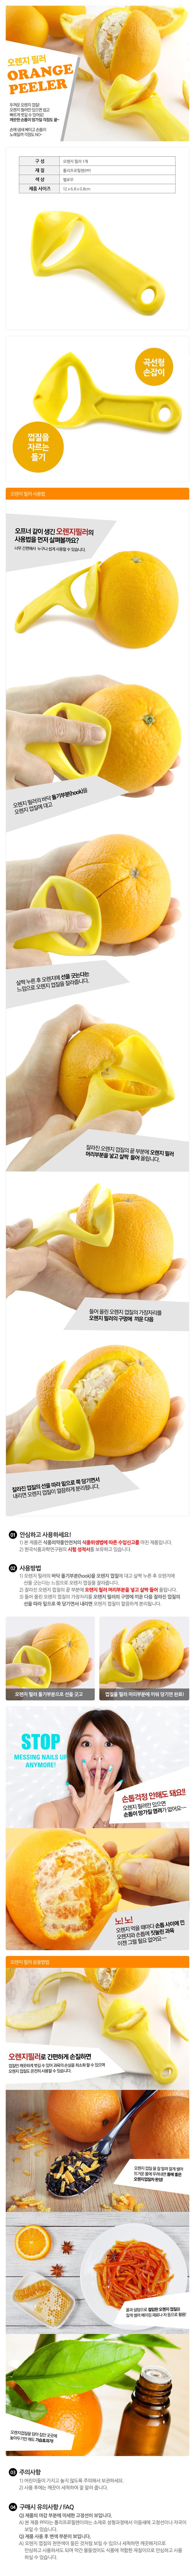 오렌지 필러 오렌지칼 오렌지 껍질 까기 - 아파트32, 4,000원, 칼/커팅기구, 슬라이서